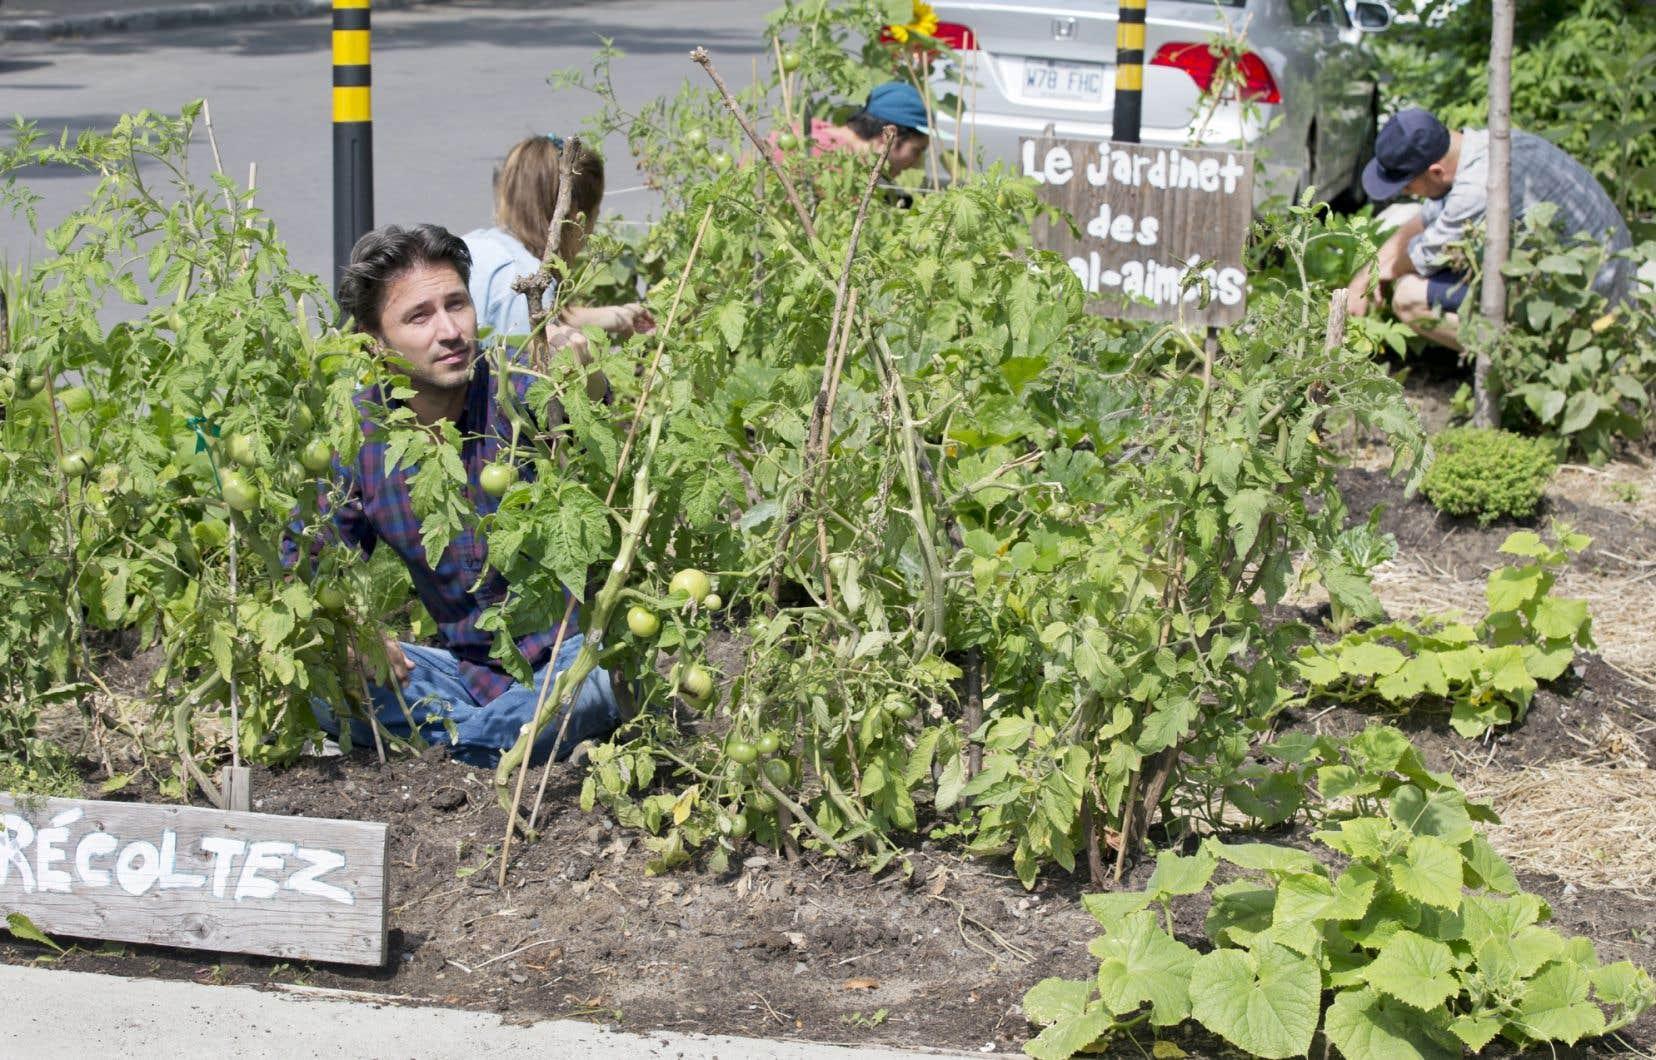 À l'angle des rues Drolet et Beaubien à Montréal, le Jardinet des mal-aimées offre sa récolte aux résidants de Rosemont depuis juin 2013.